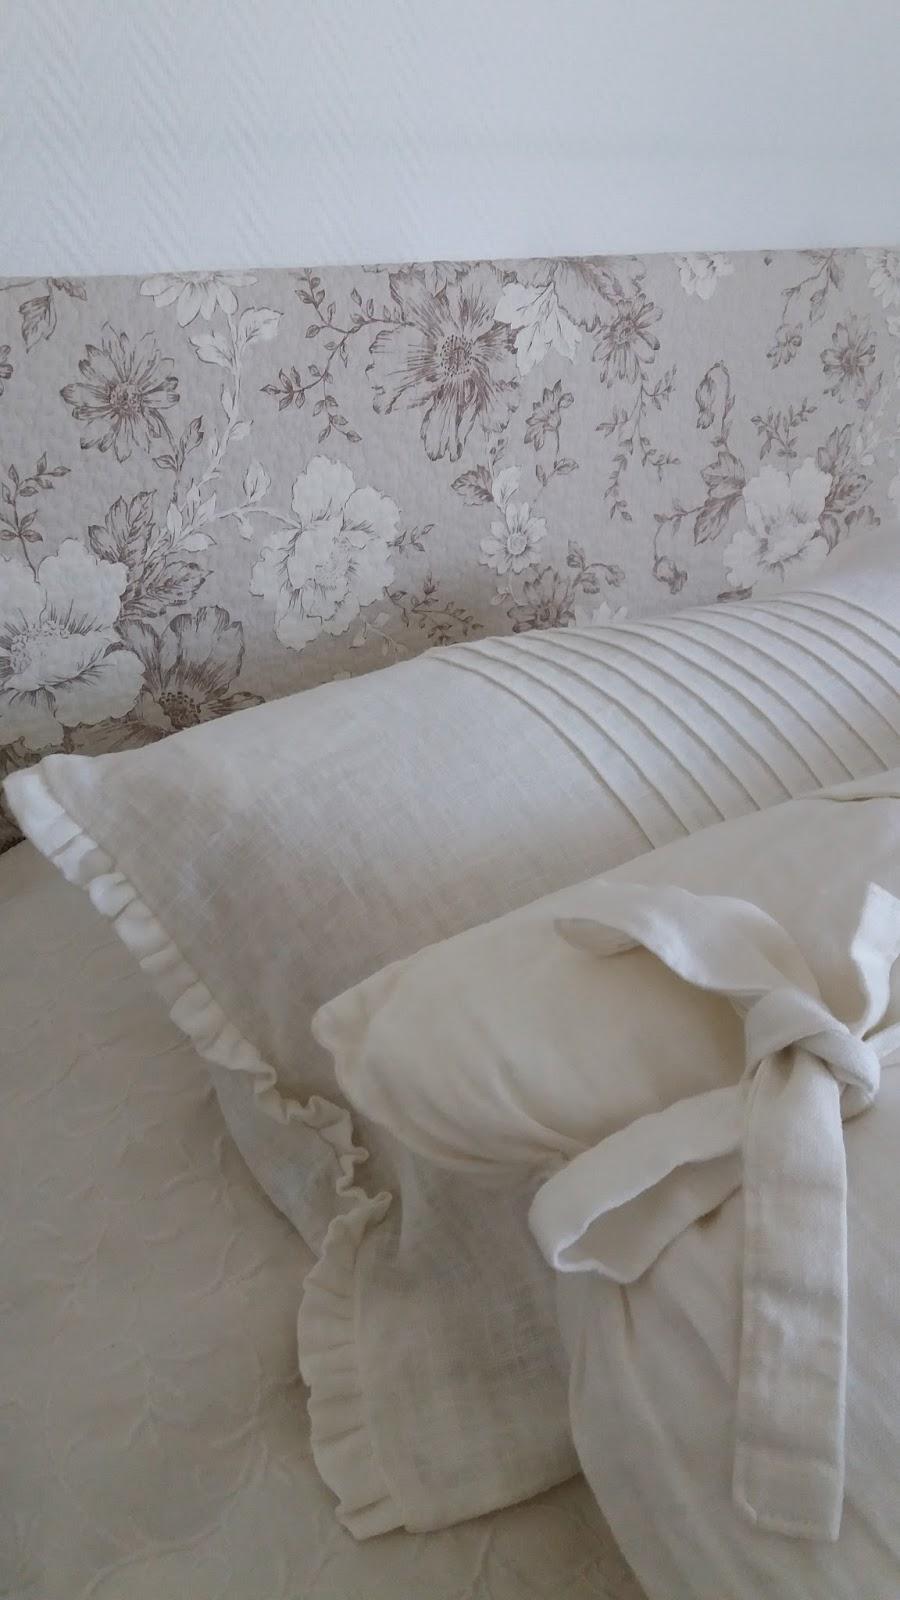 Tant vit & beige: det sker i vårt mörka sovrum...